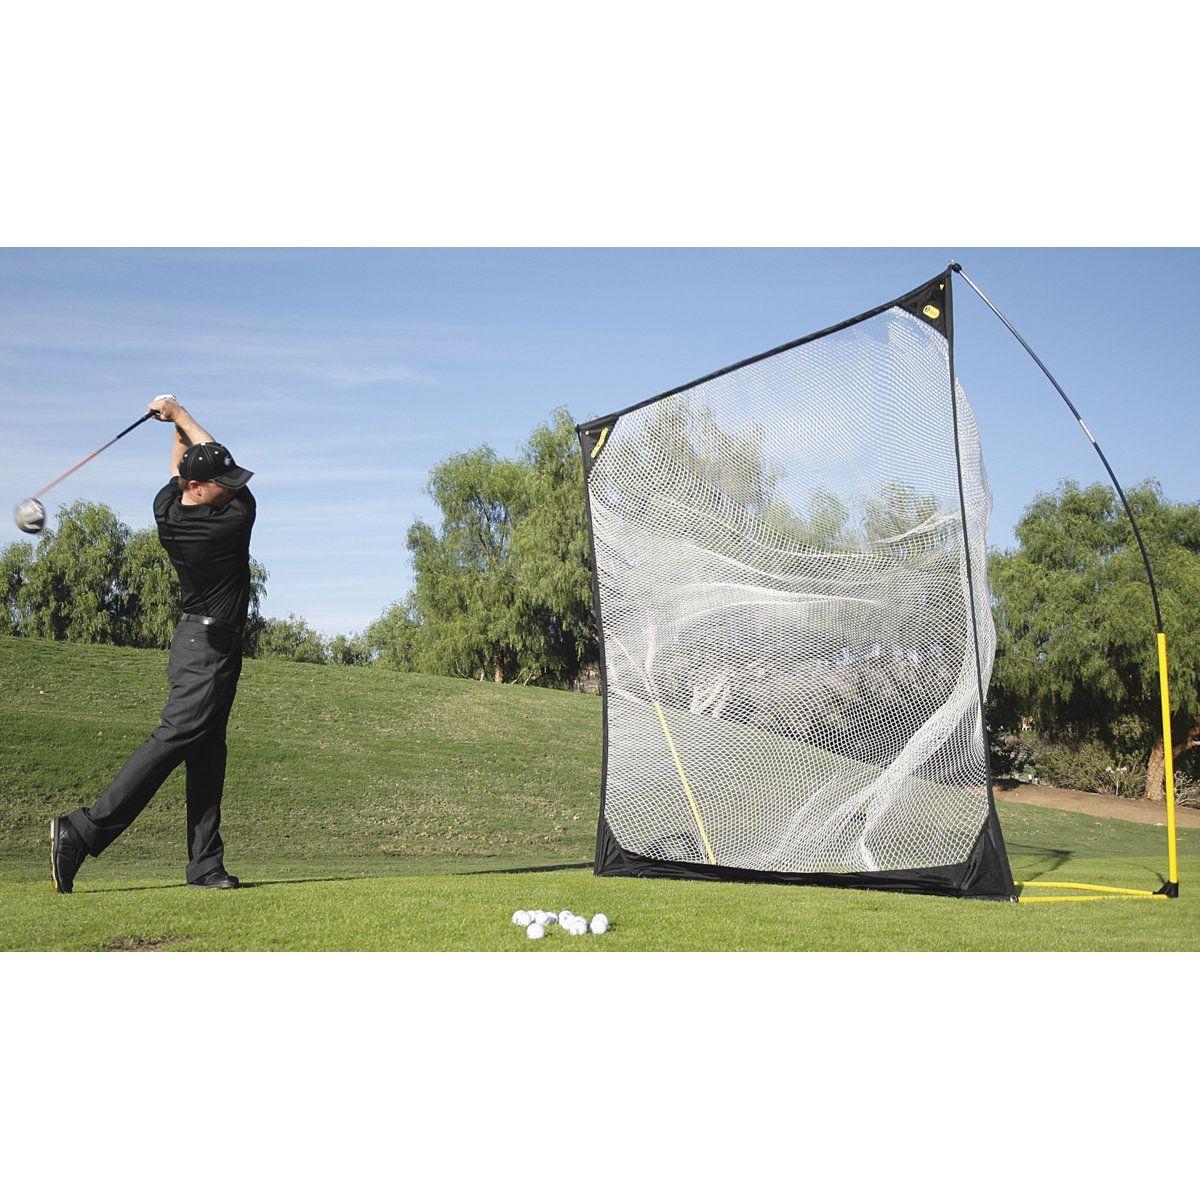 sklz quickster ultra portable quick set up golf net from golfsmith